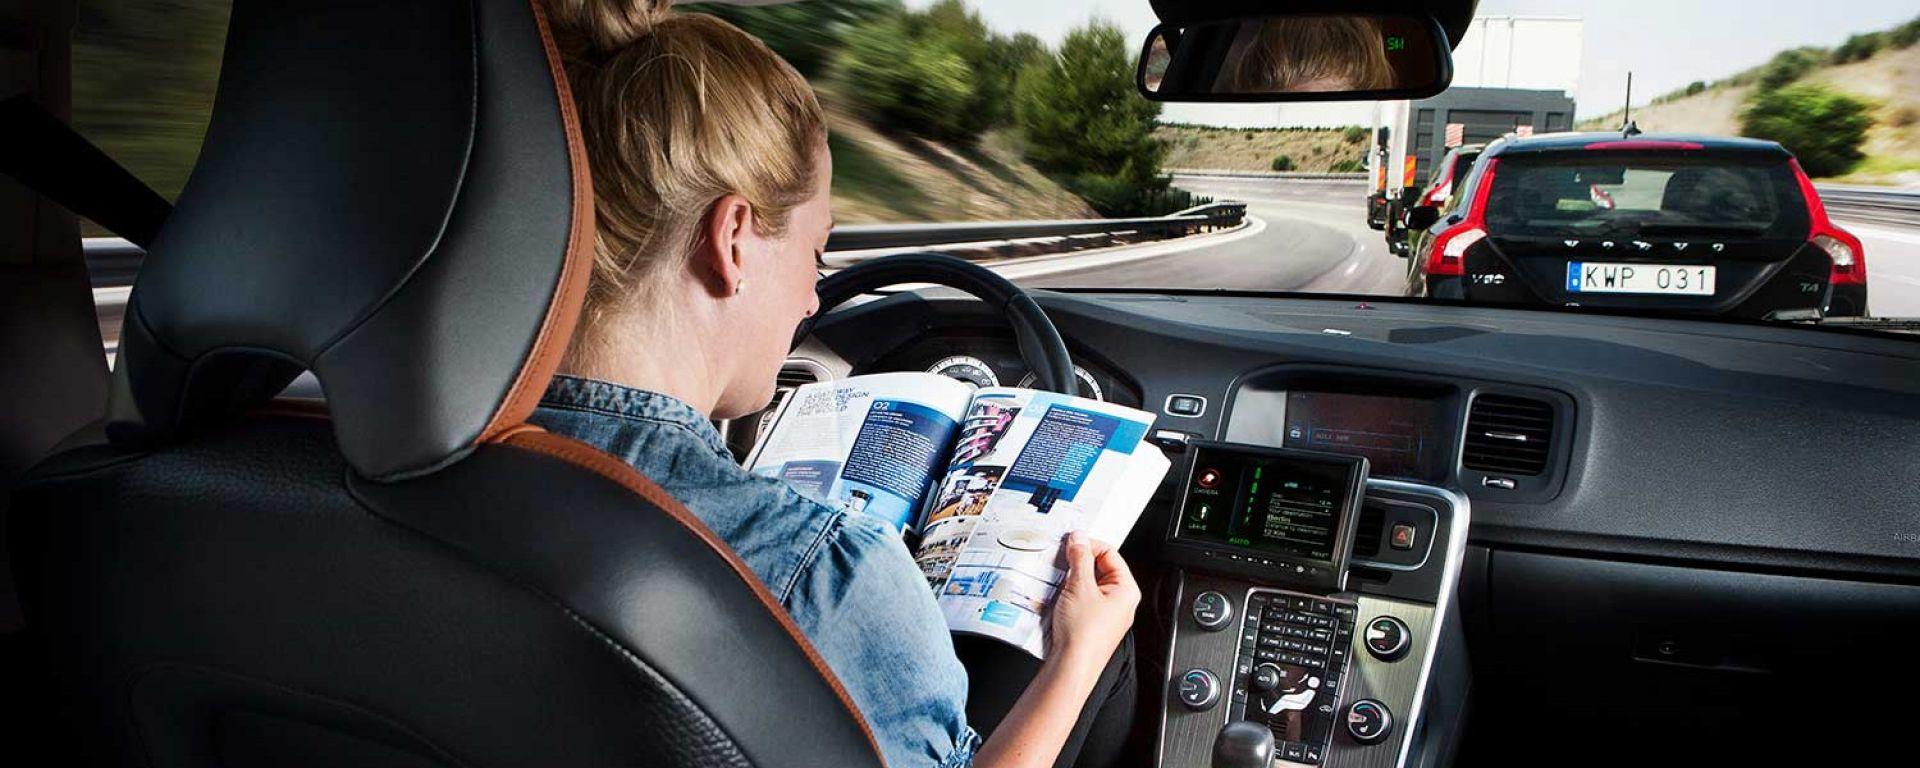 Via libera alla sperimentazione della guida autonoma in territorio italiano